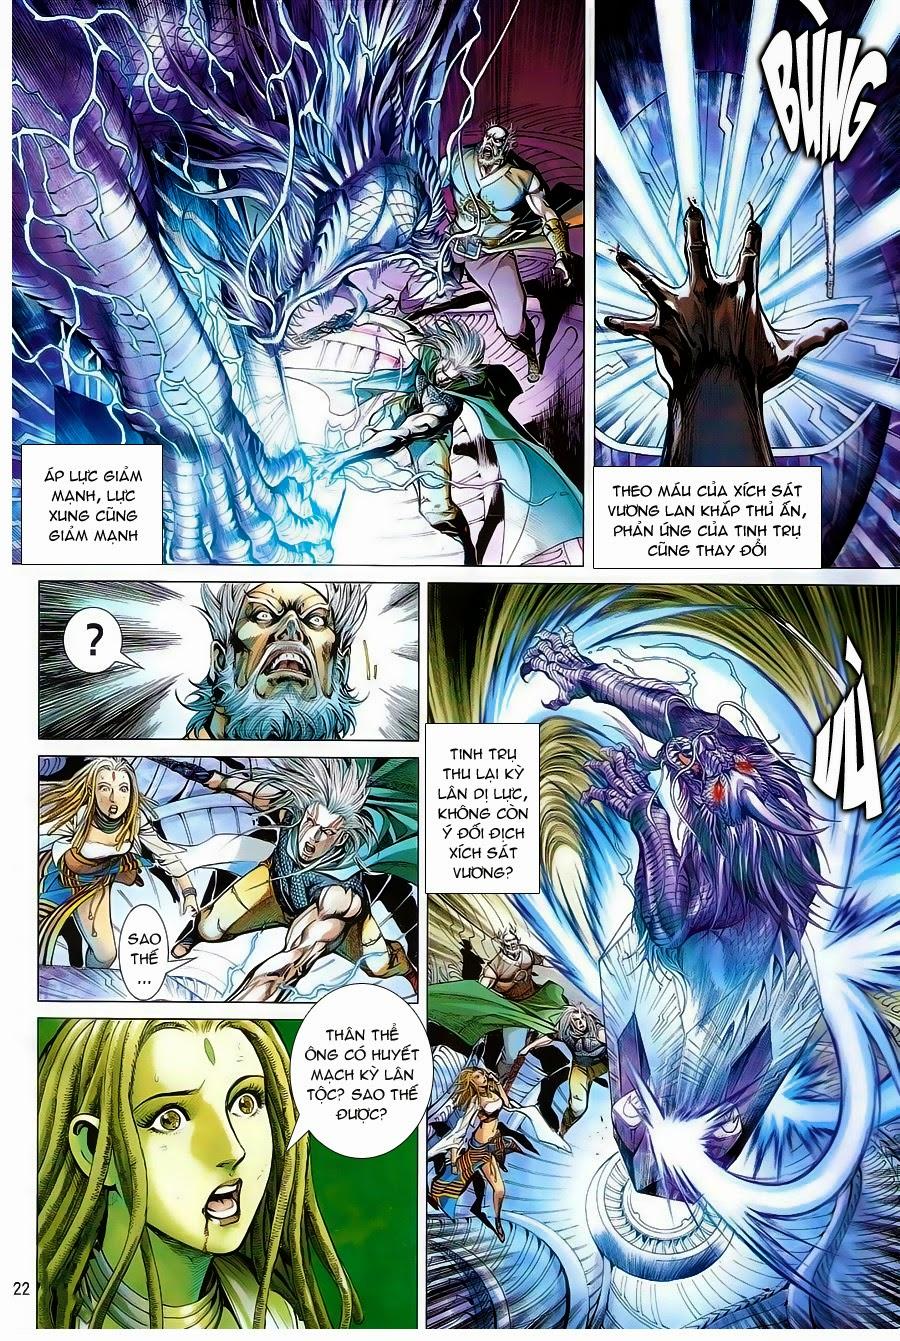 truyện tranh thiết tướng tung hoành Chapter 84/